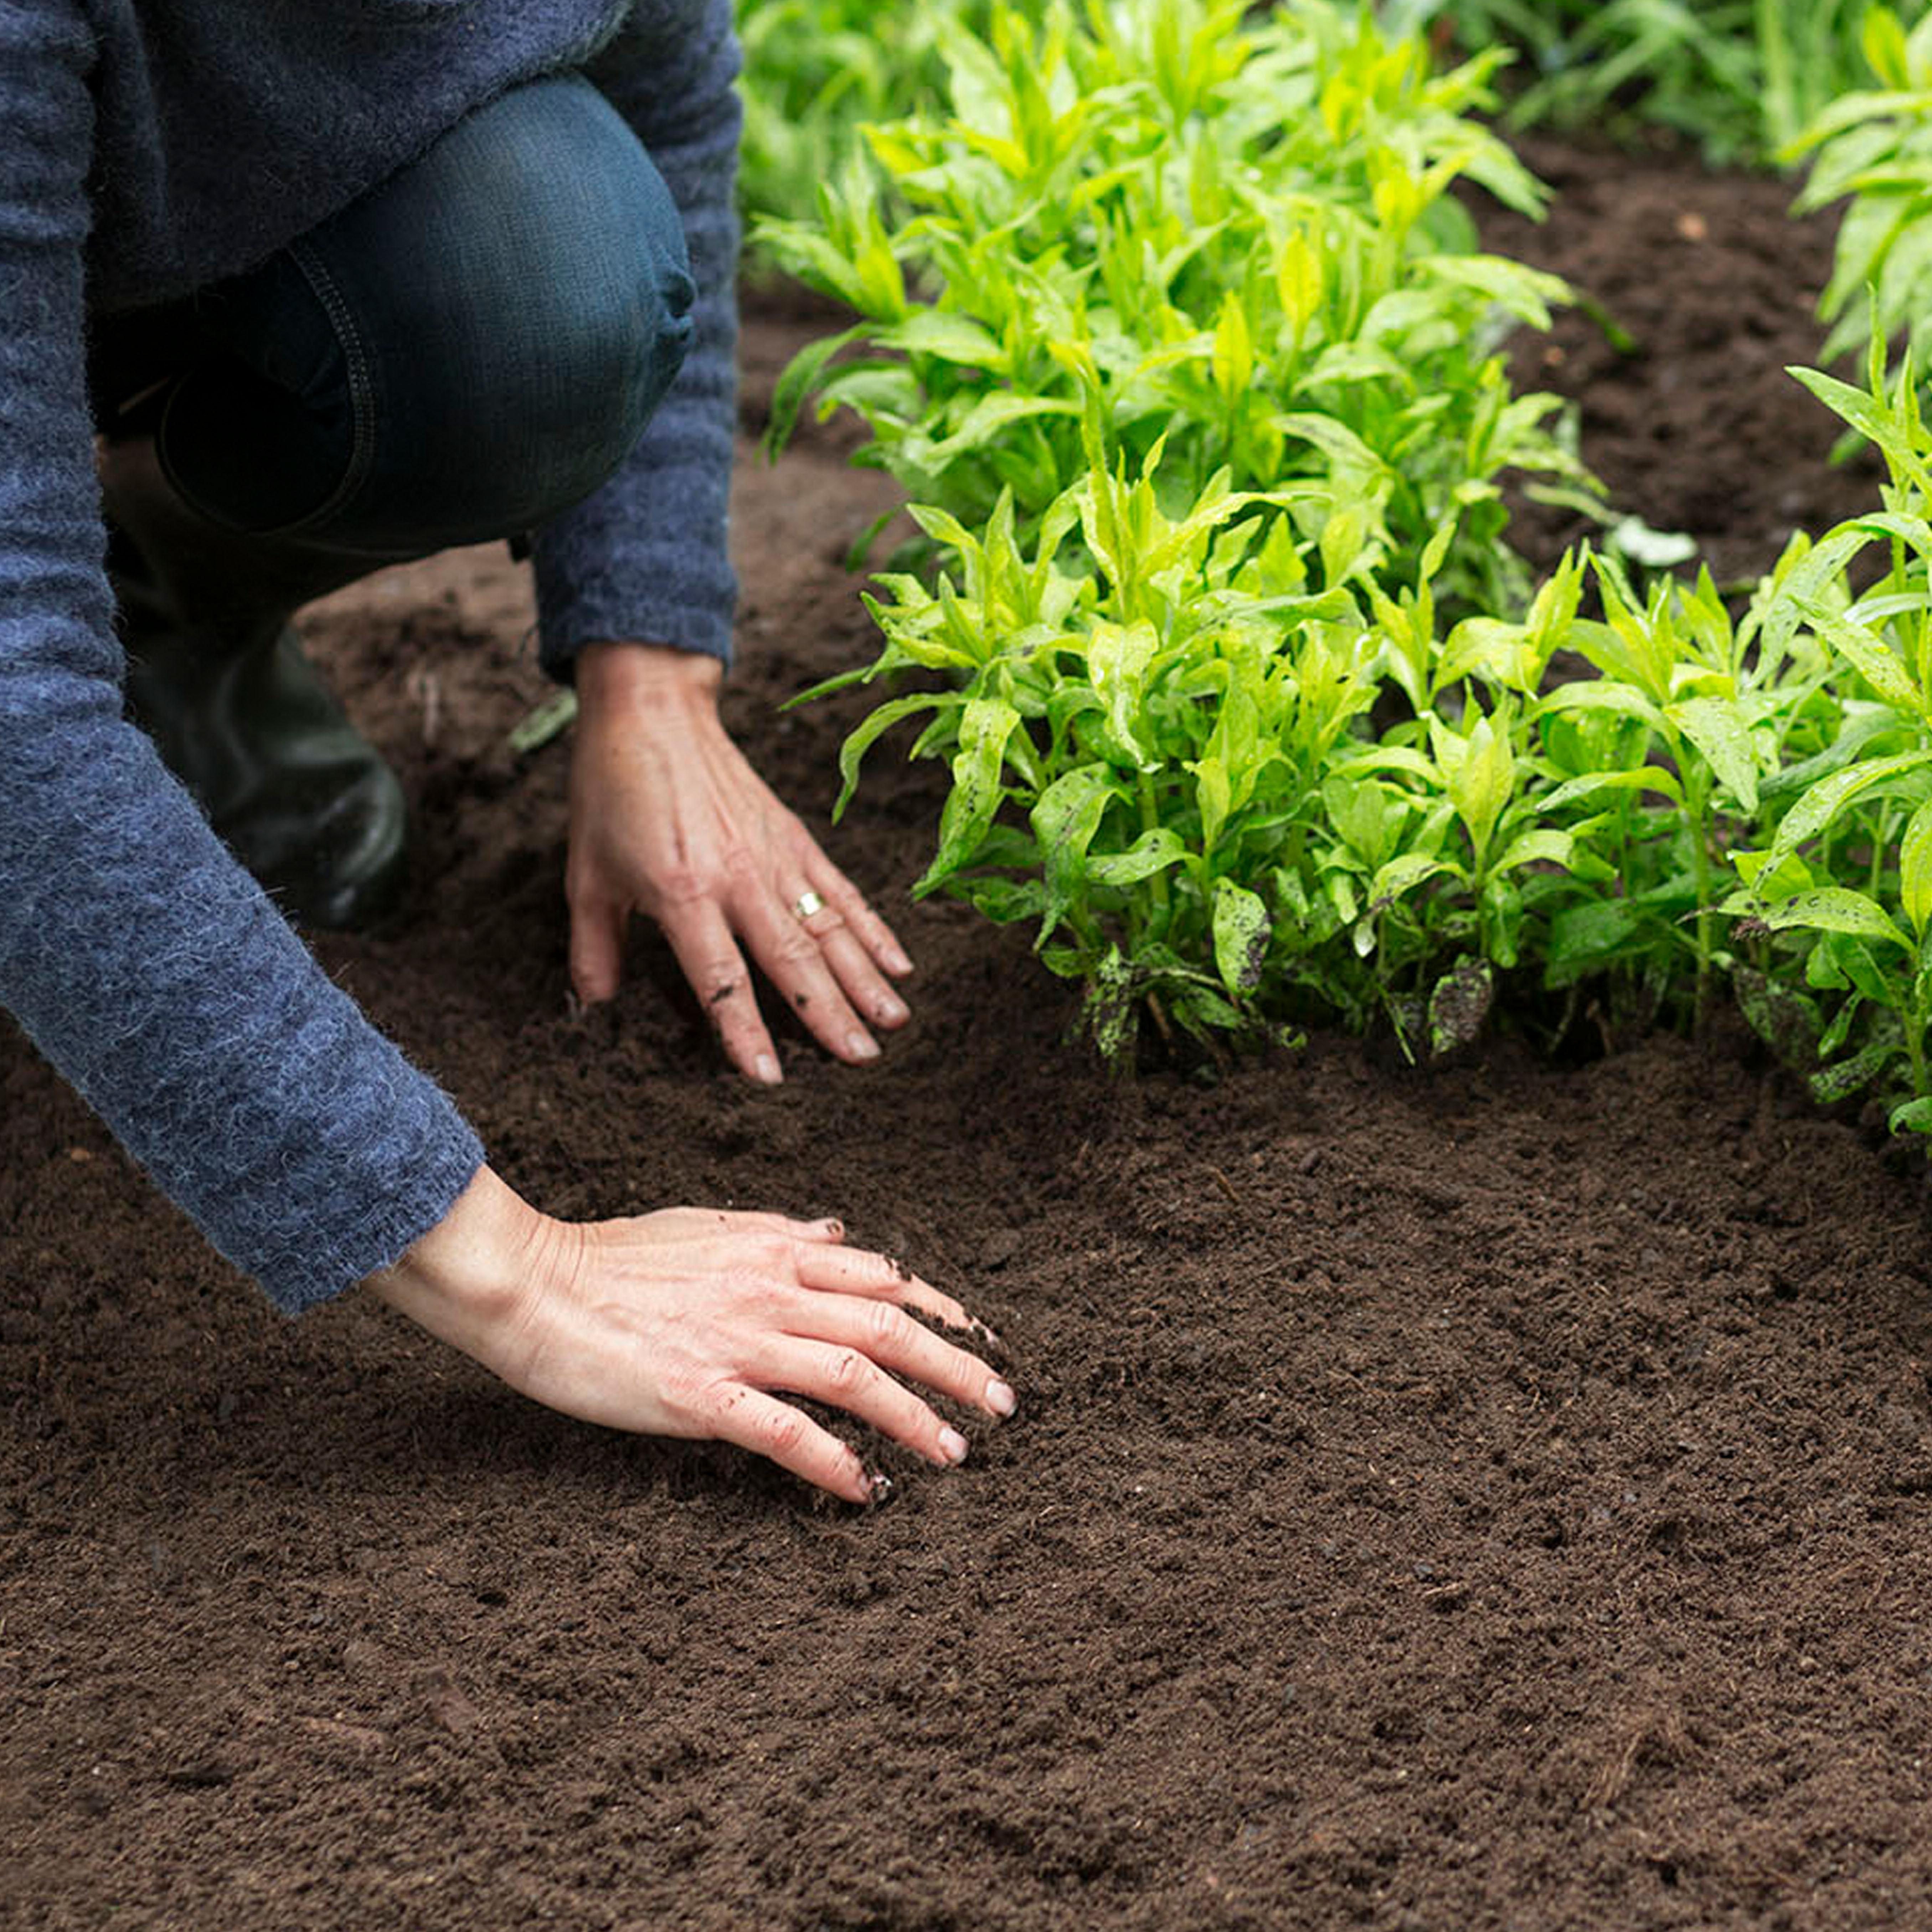 Funderar du på vilken typ av jord du behöver till ditt projekt?